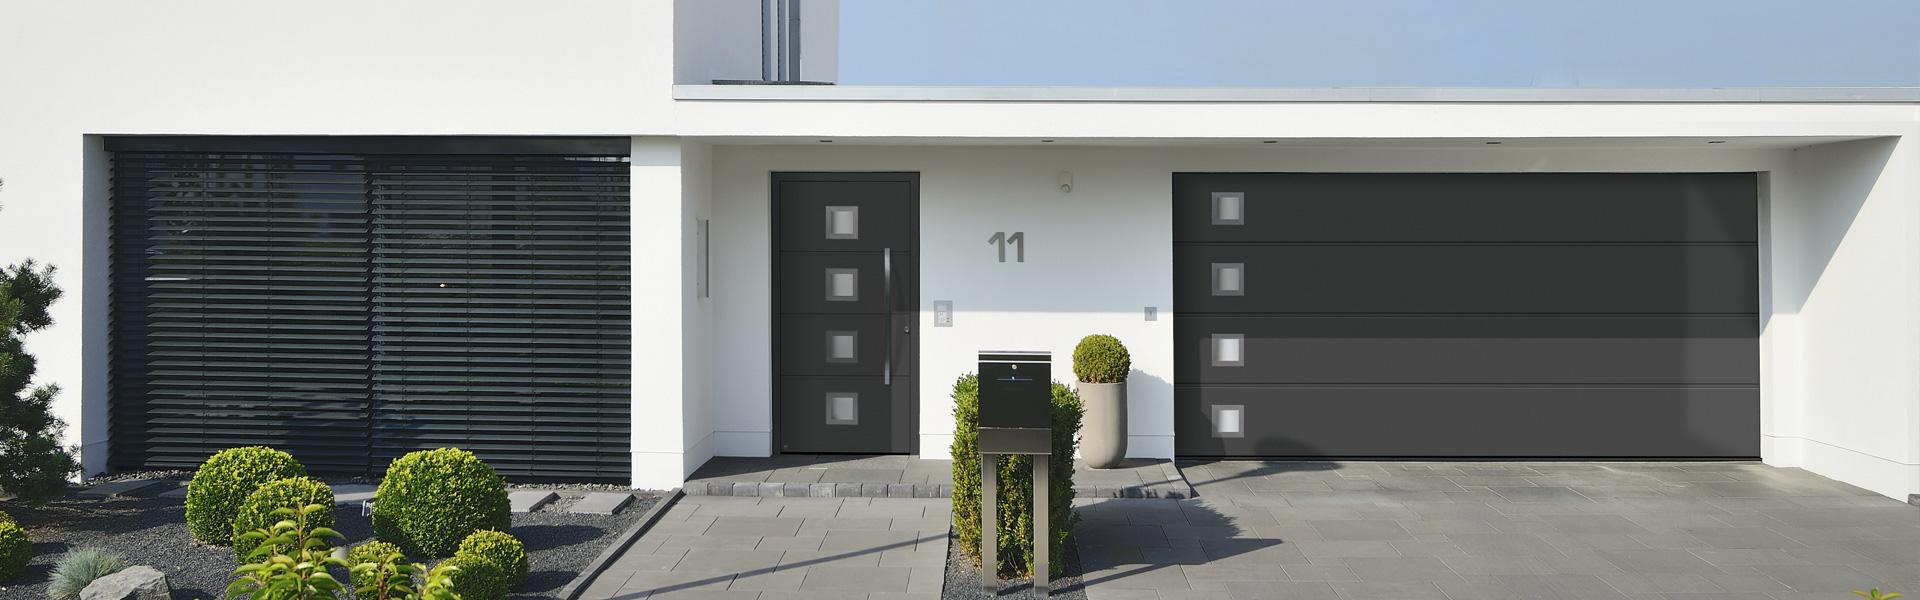 Startbild Haustüren und Garagentore